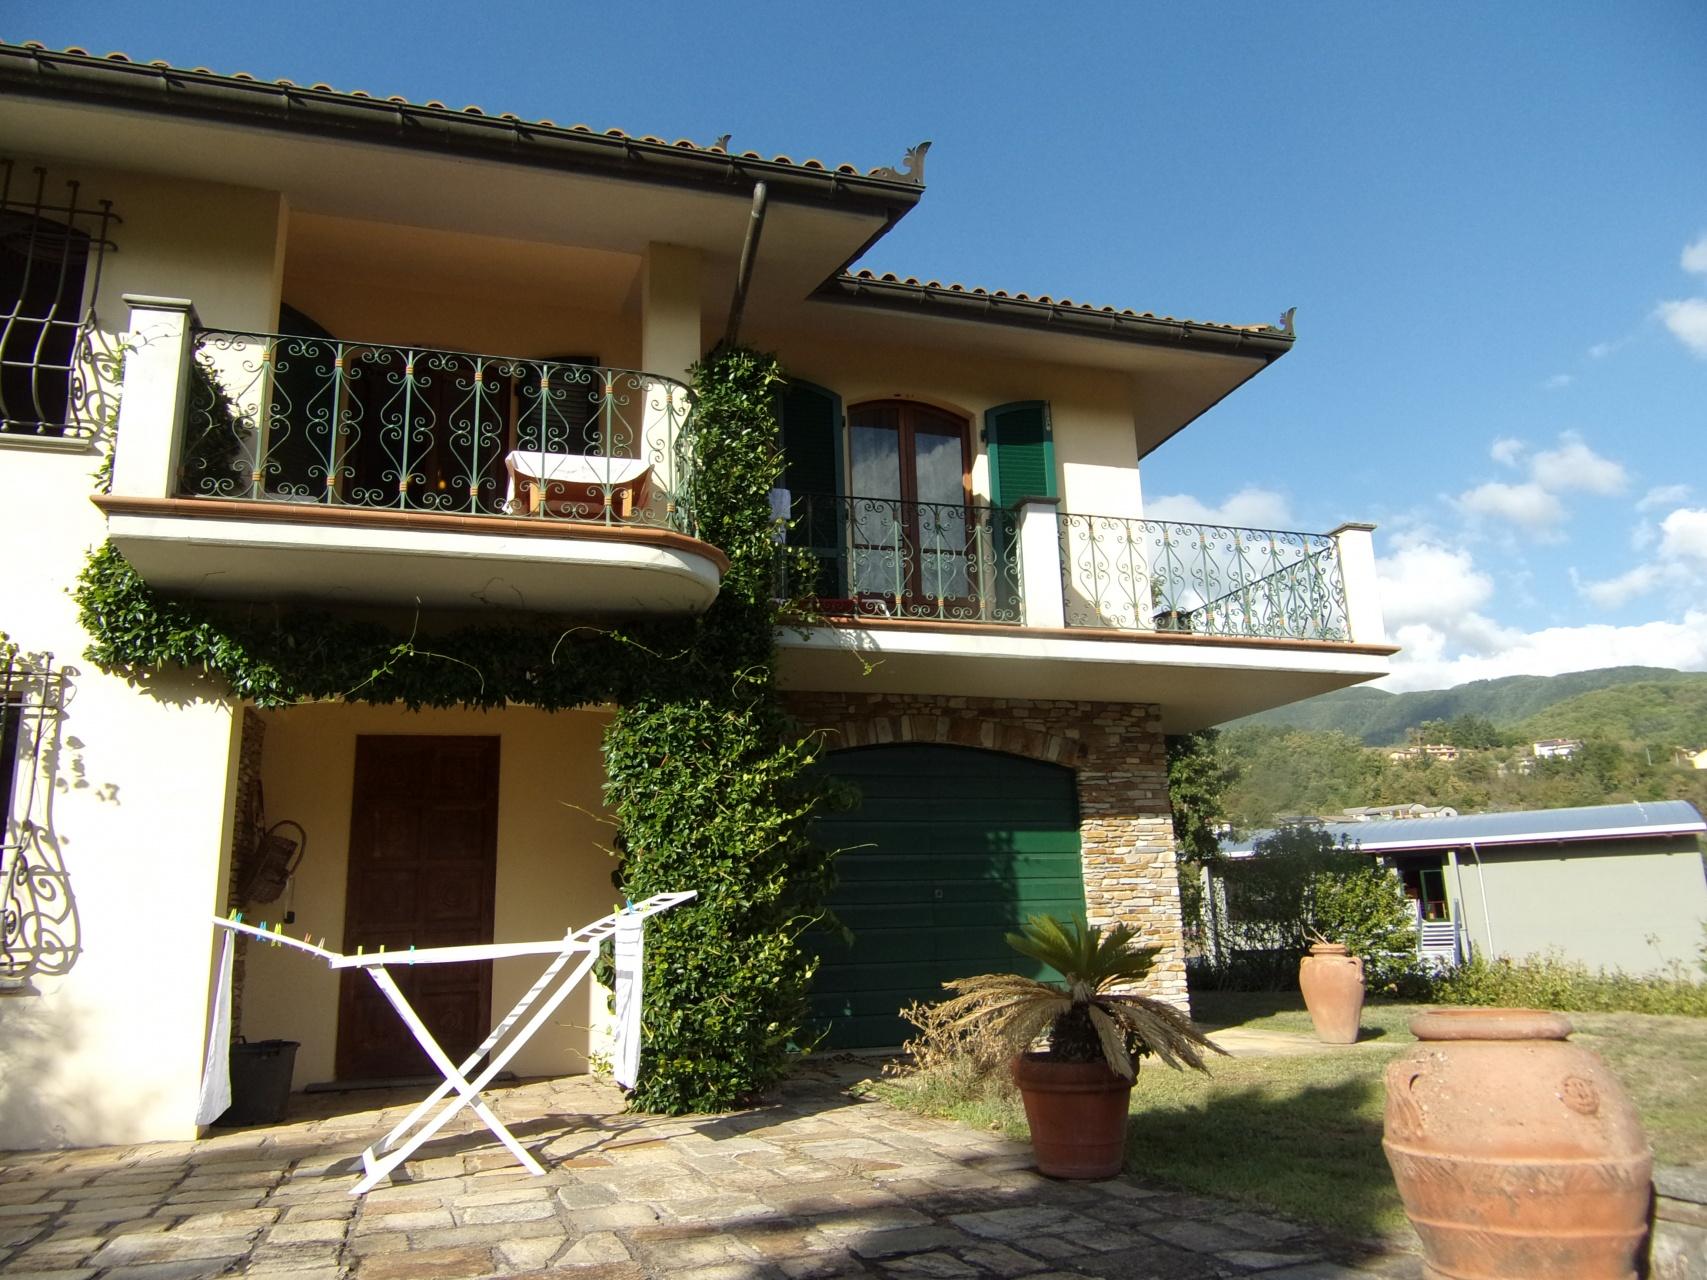 foto Villa di circa 500mq posta su tre livelli, con garage e circa *3000mq di terreno*, situata a Piazza al Serchio,in Garfagnana, Lucca.